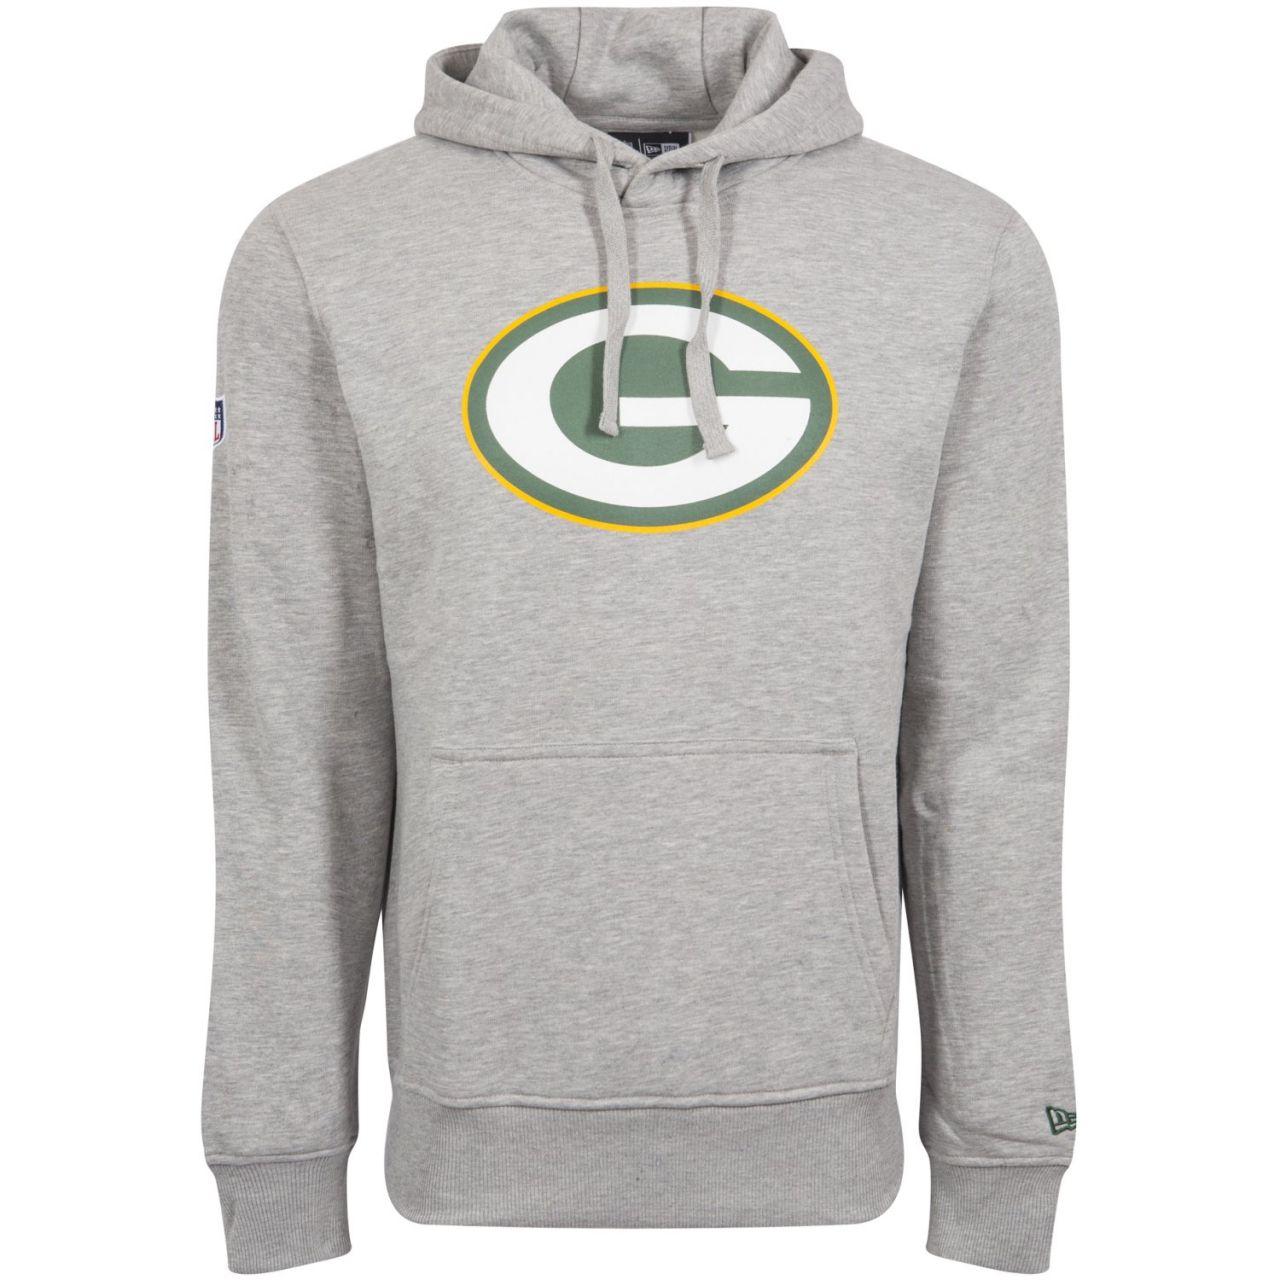 amfoo - New Era Hoody - NFL Green Bay Packers grau